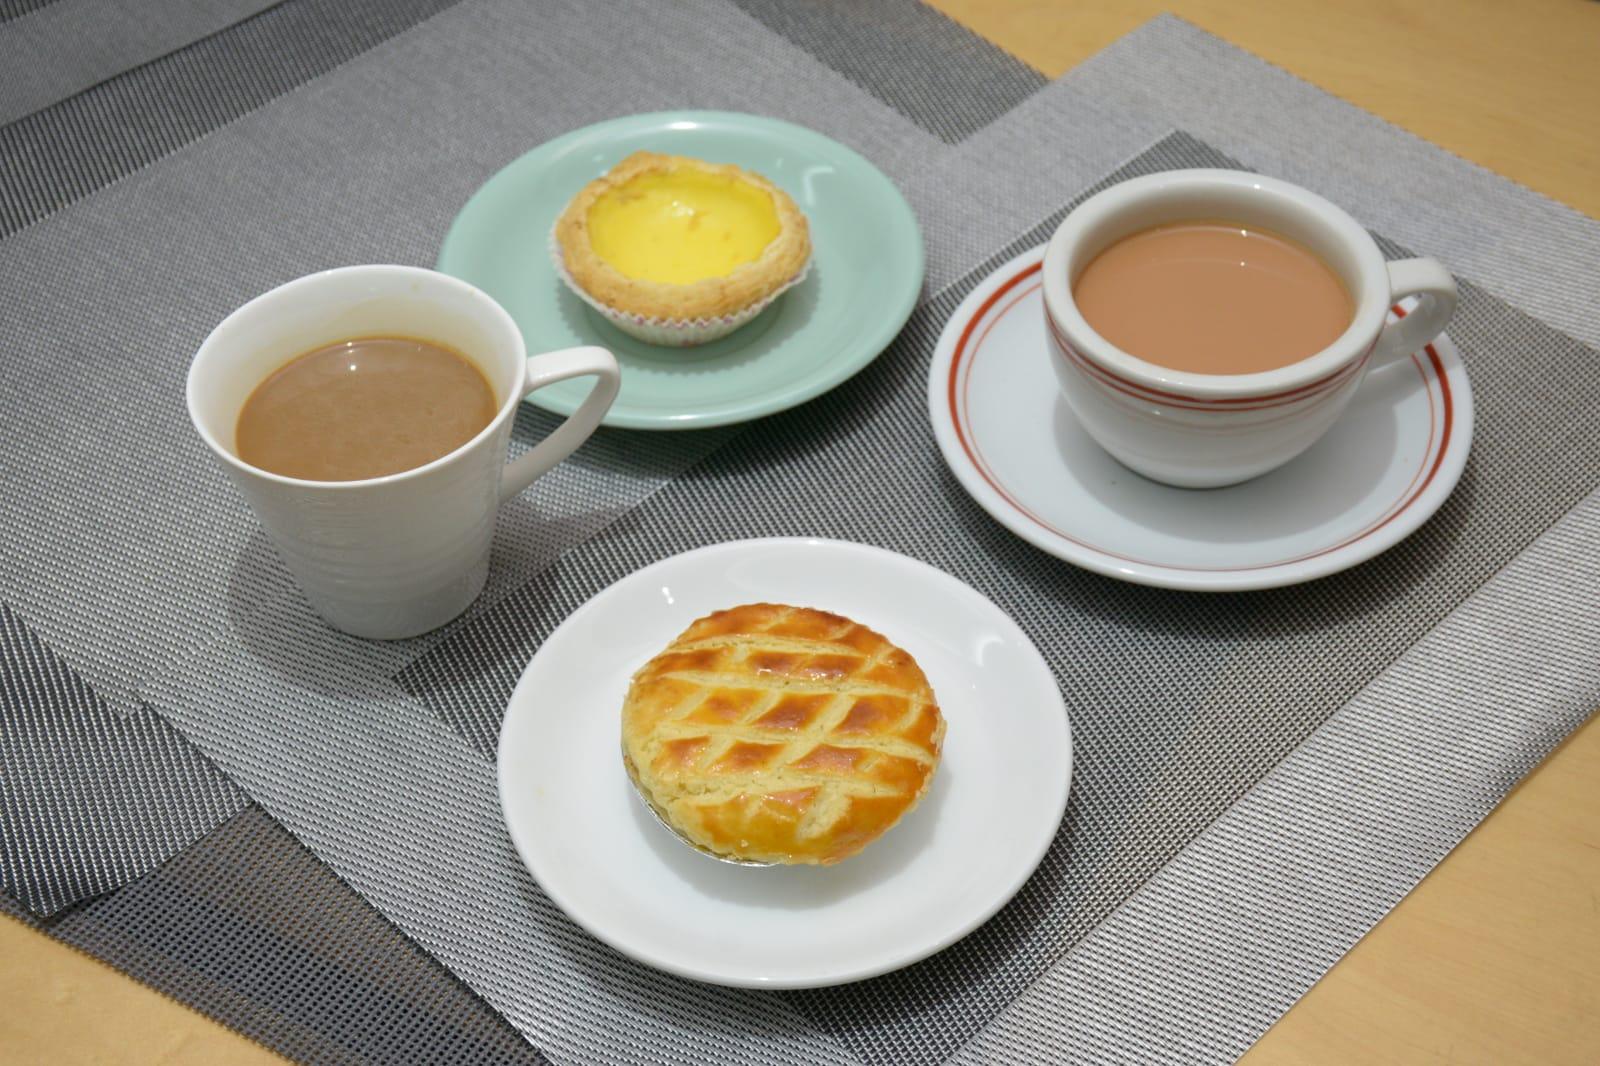 早餐和下午餐食雞批和蛋撻,各配一杯飲品,反式脂肪攝入已達每日上限一半。